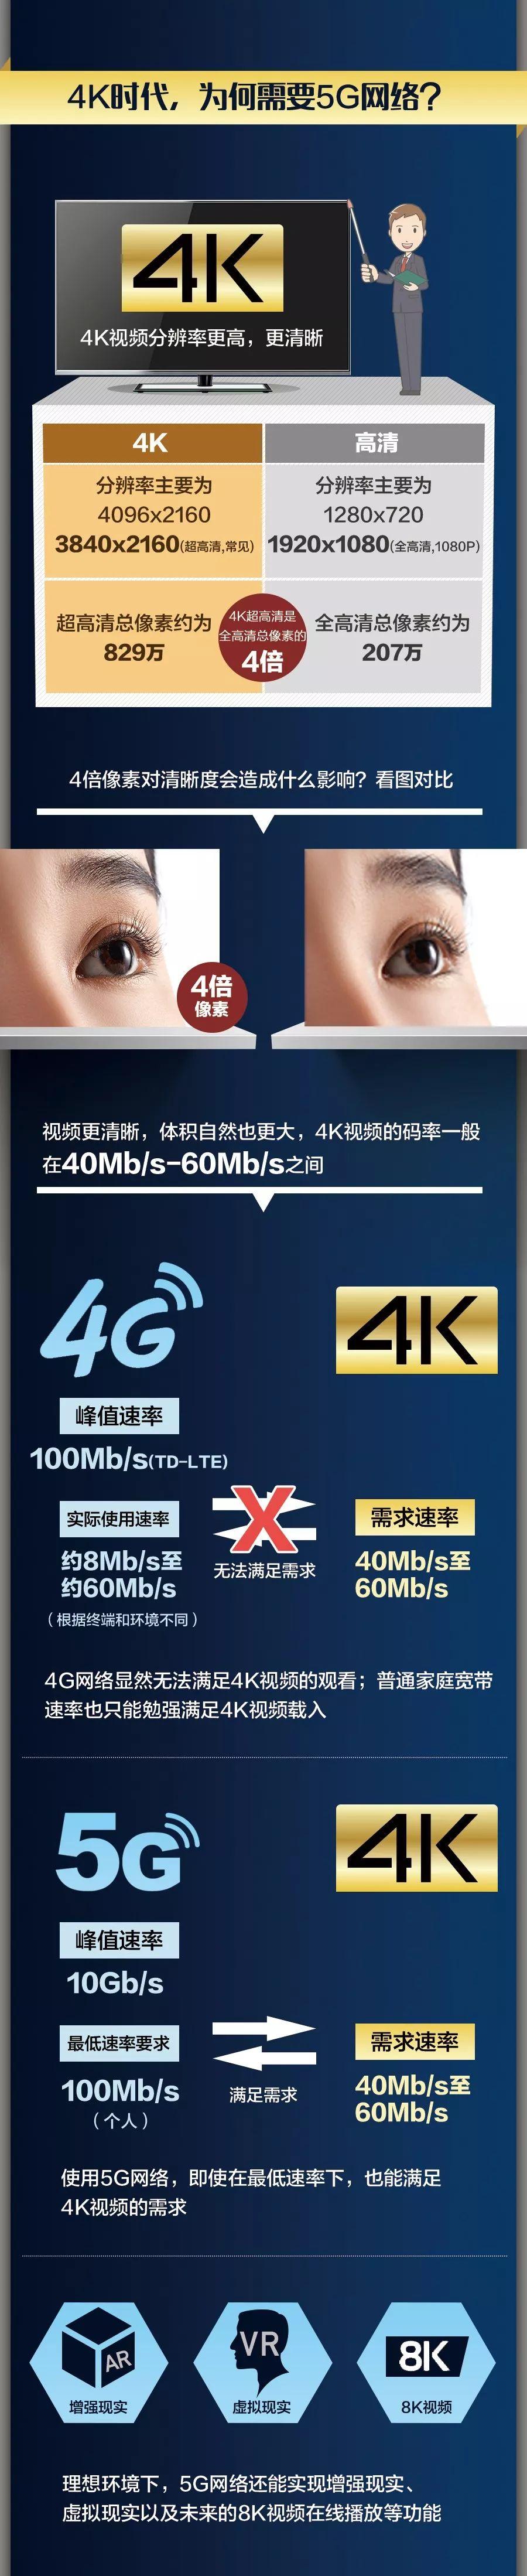 """比Wi-Fi快60多倍,比高清清晰4倍!5G+4K,是时候""""种草""""了!"""